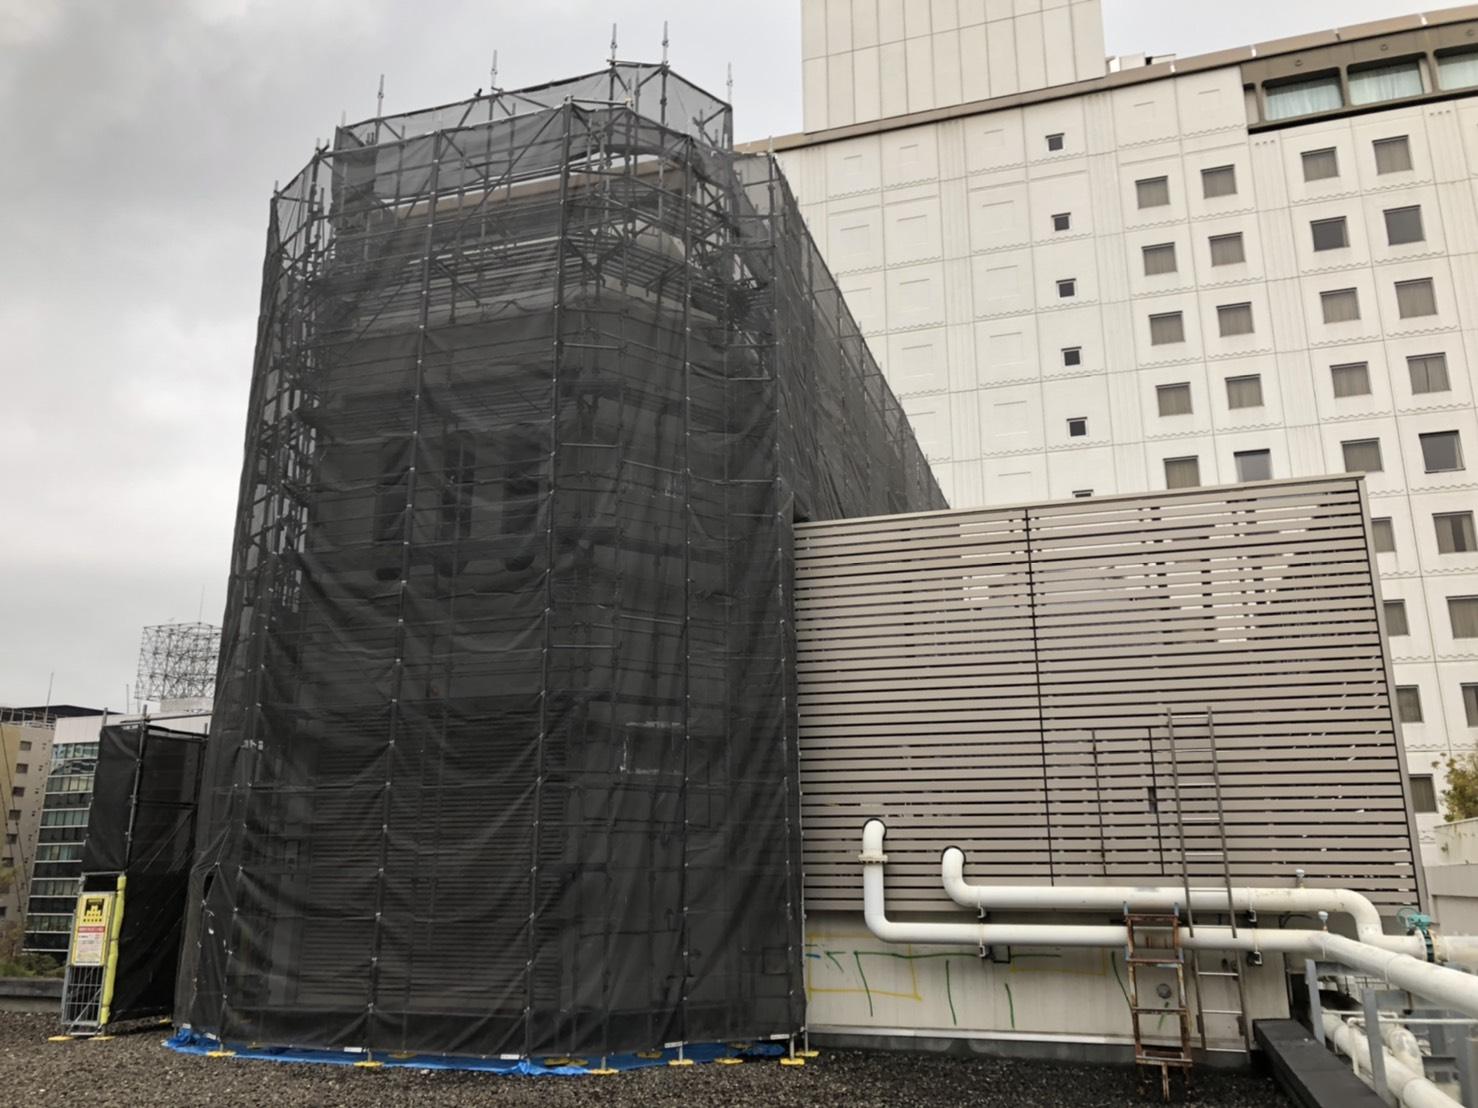 福岡県福岡市中央区大名 西鉄グランドホテル 屋上高架水槽部分 内外部改修工事①